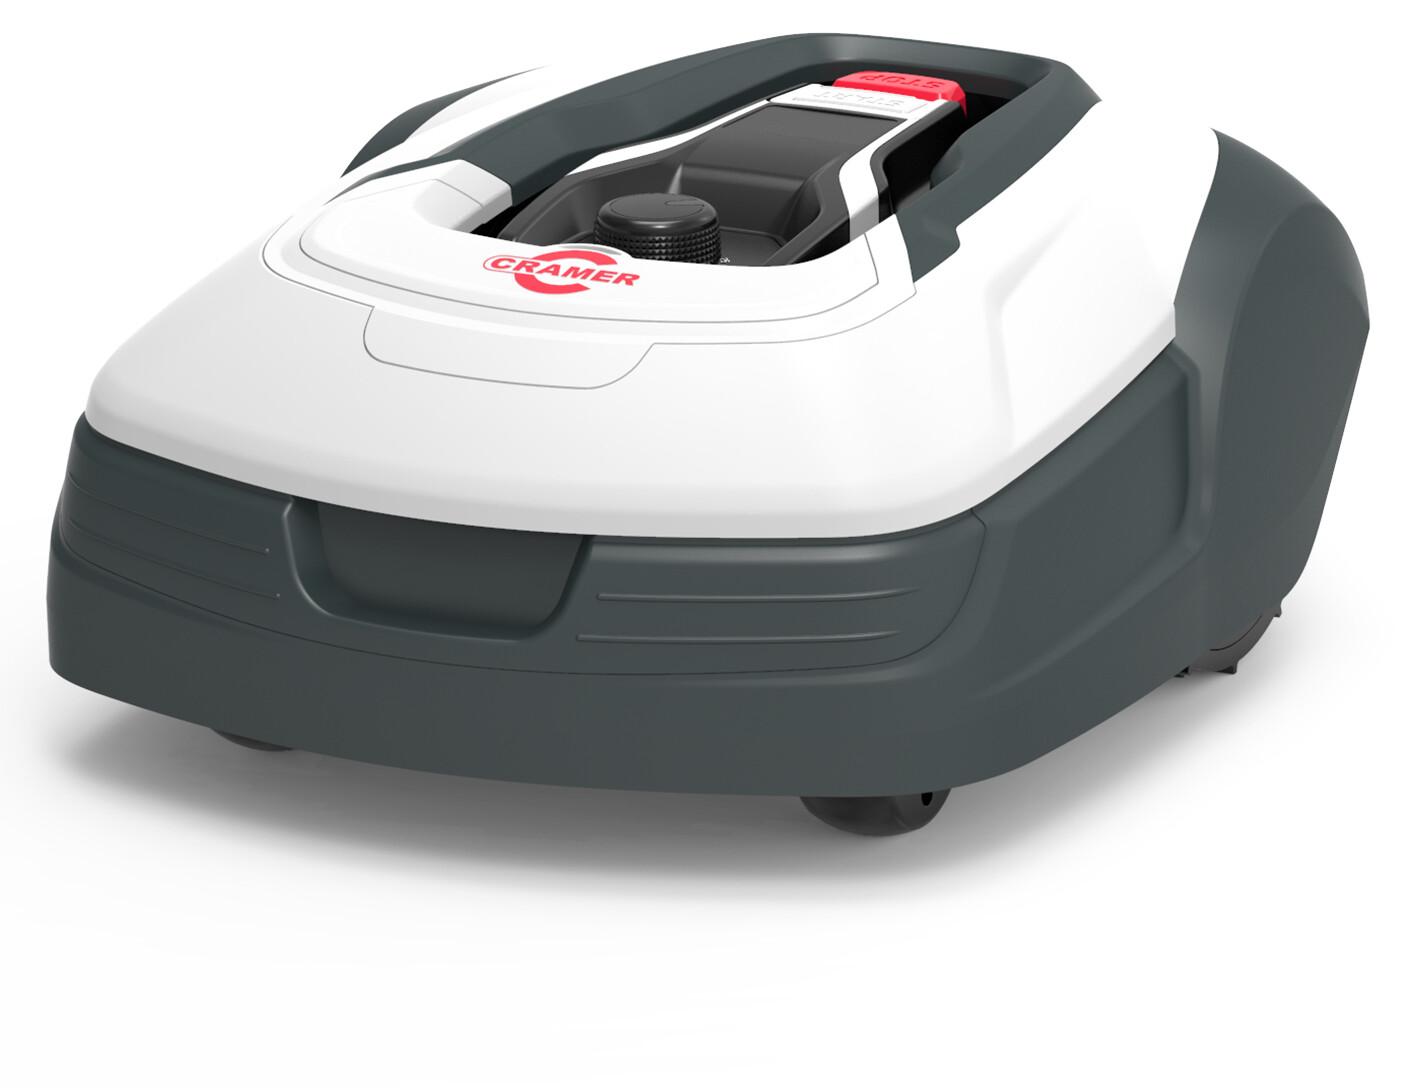 Robotmaaier CRAMER RM1000 tot 1000 m2